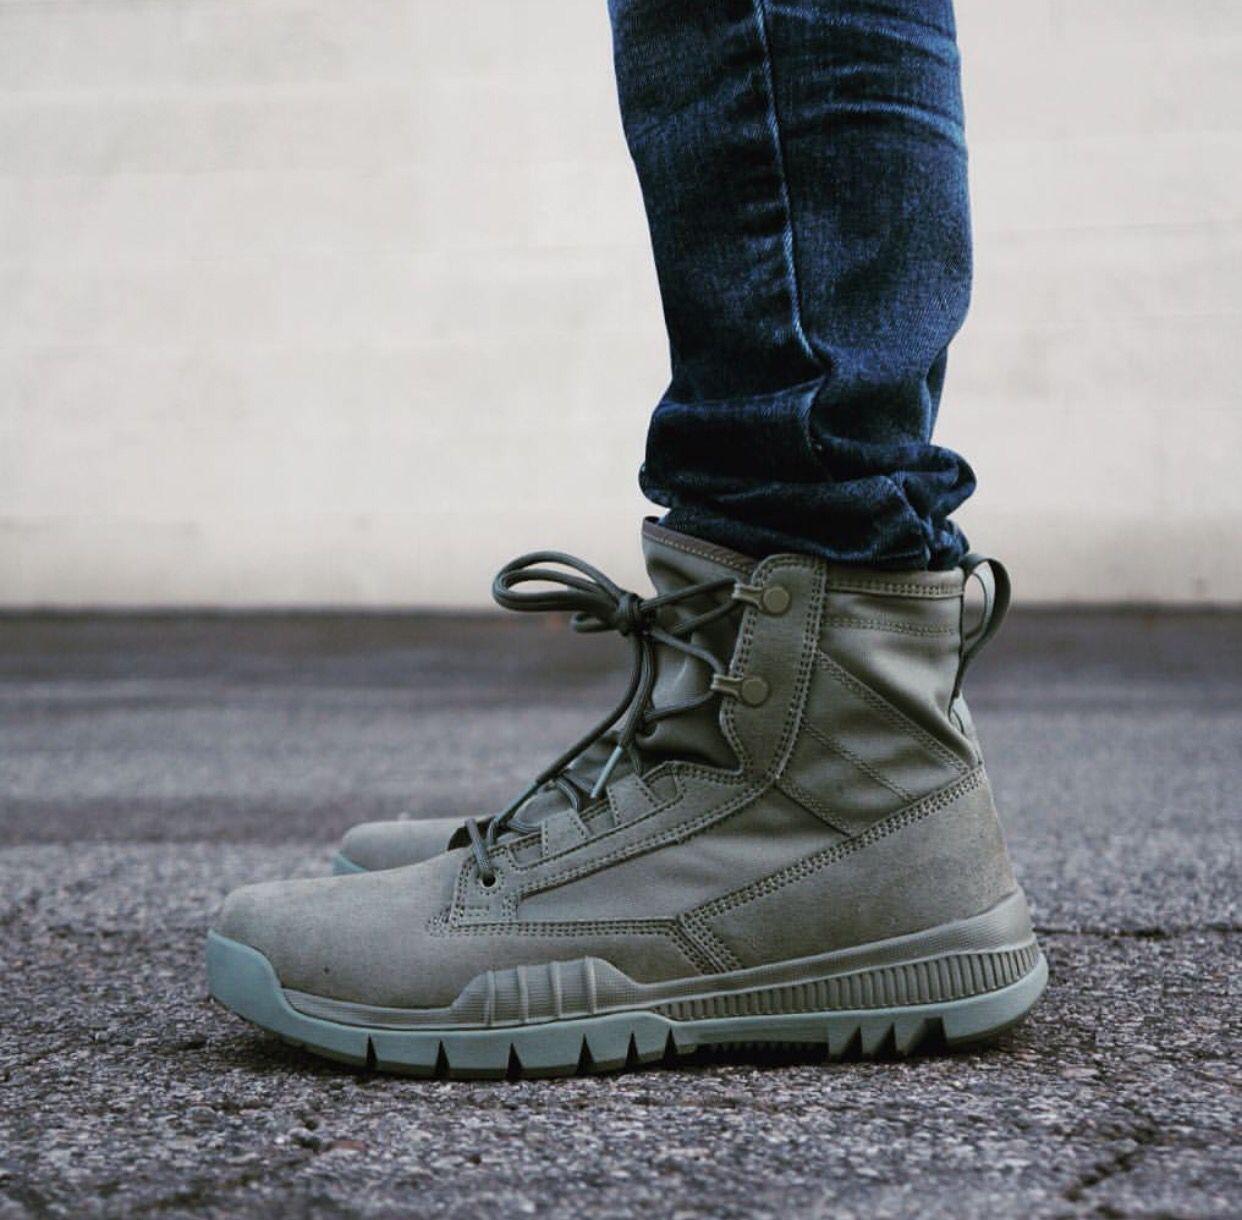 Círculo de rodamiento romano Tratamiento Preferencial  Nike SFB | Mens boots fashion, Boots men, Nike sfb boots